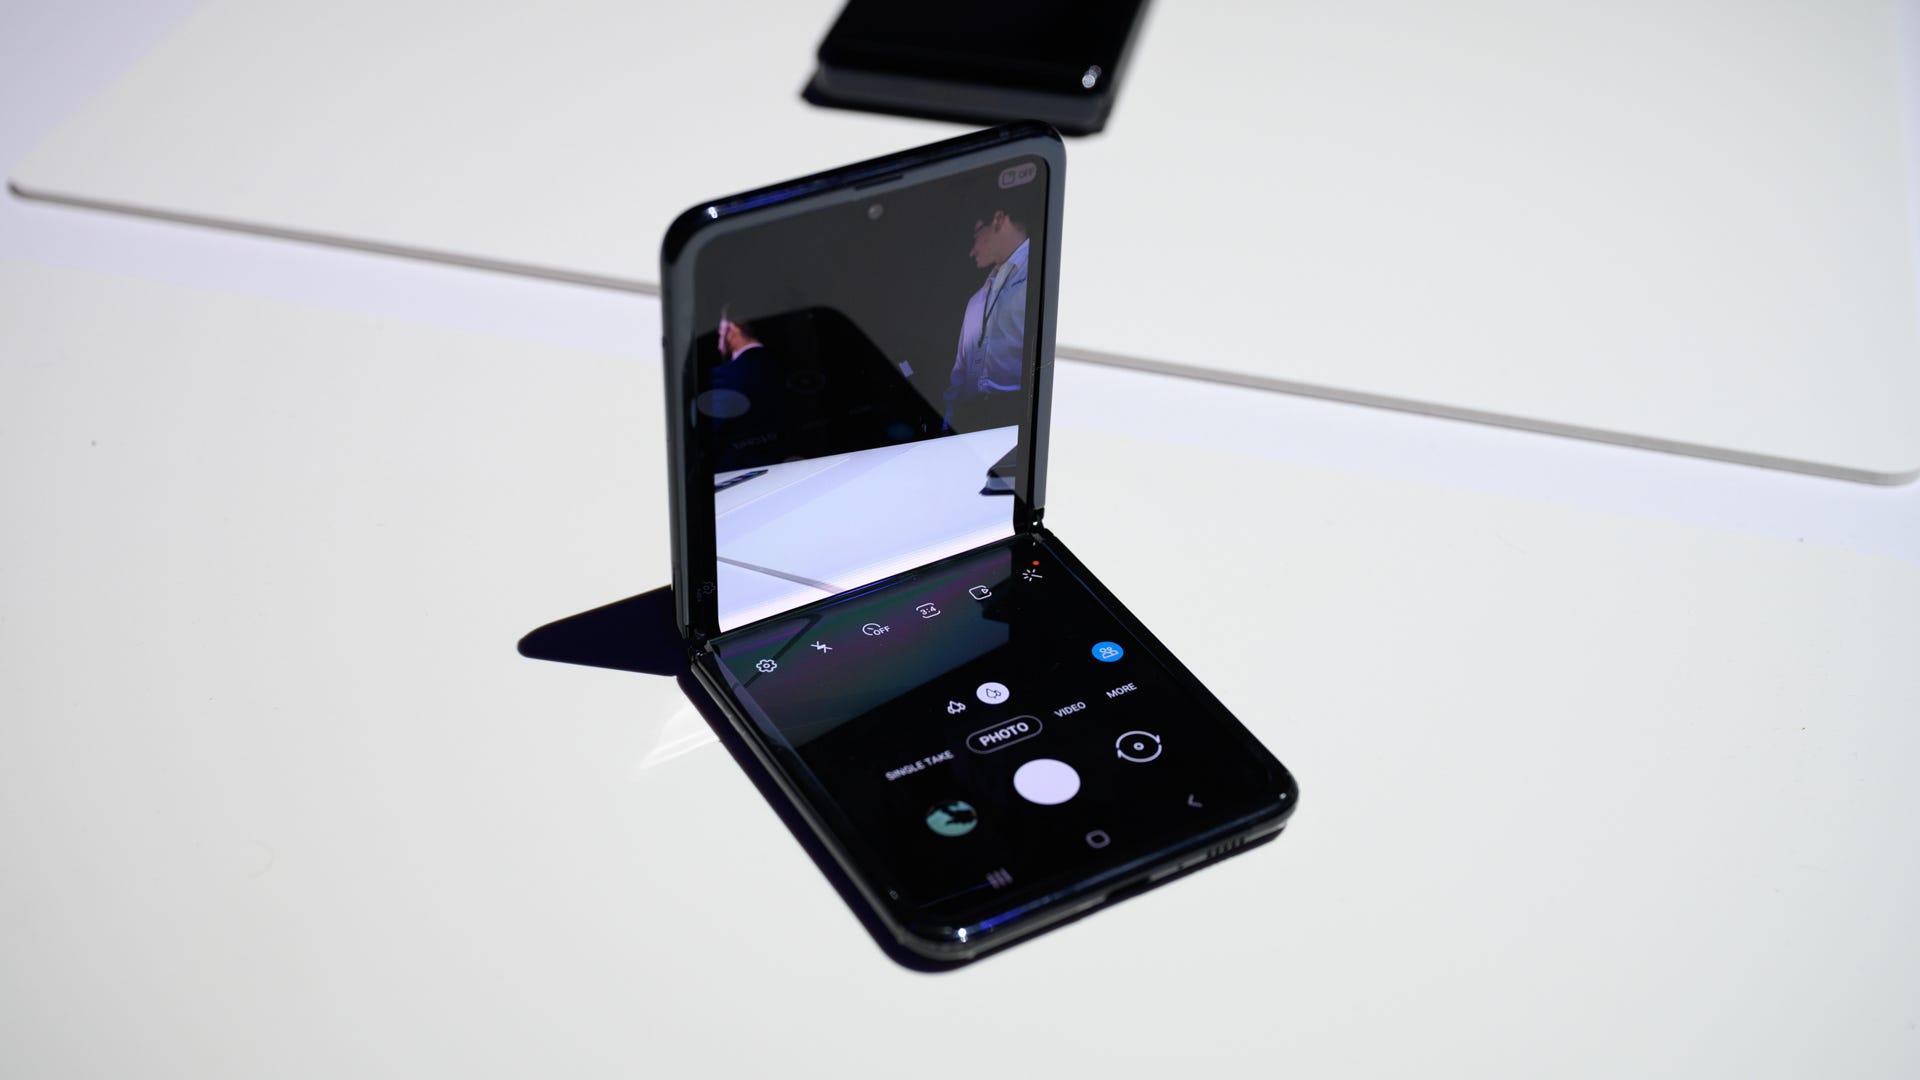 Galaxy Z Flip open in Flex Mode